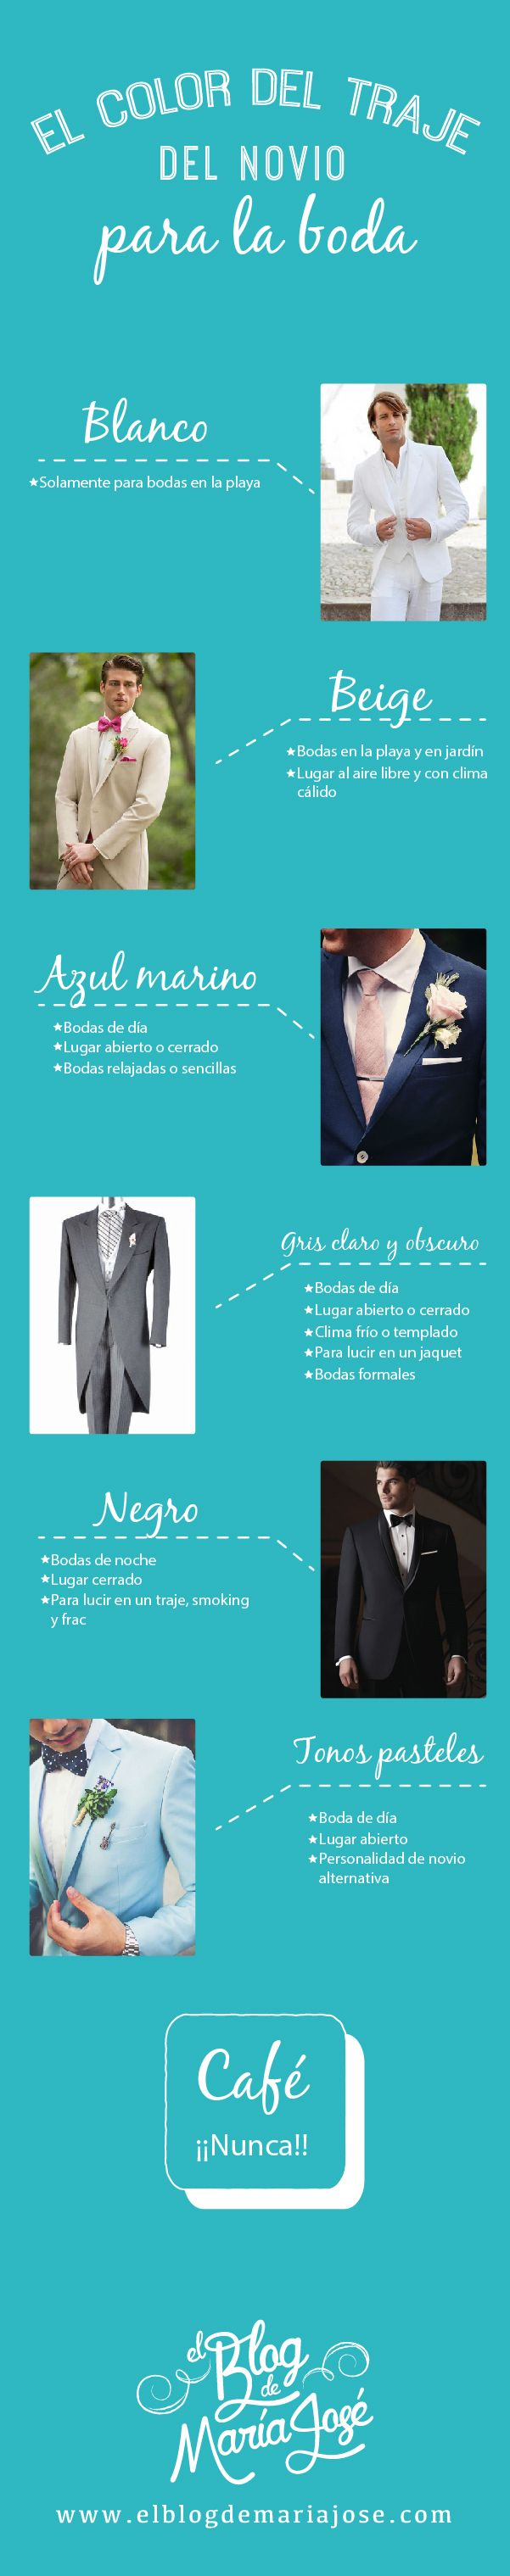 El color del traje de novio para la boda | Traje de novio, El color ...